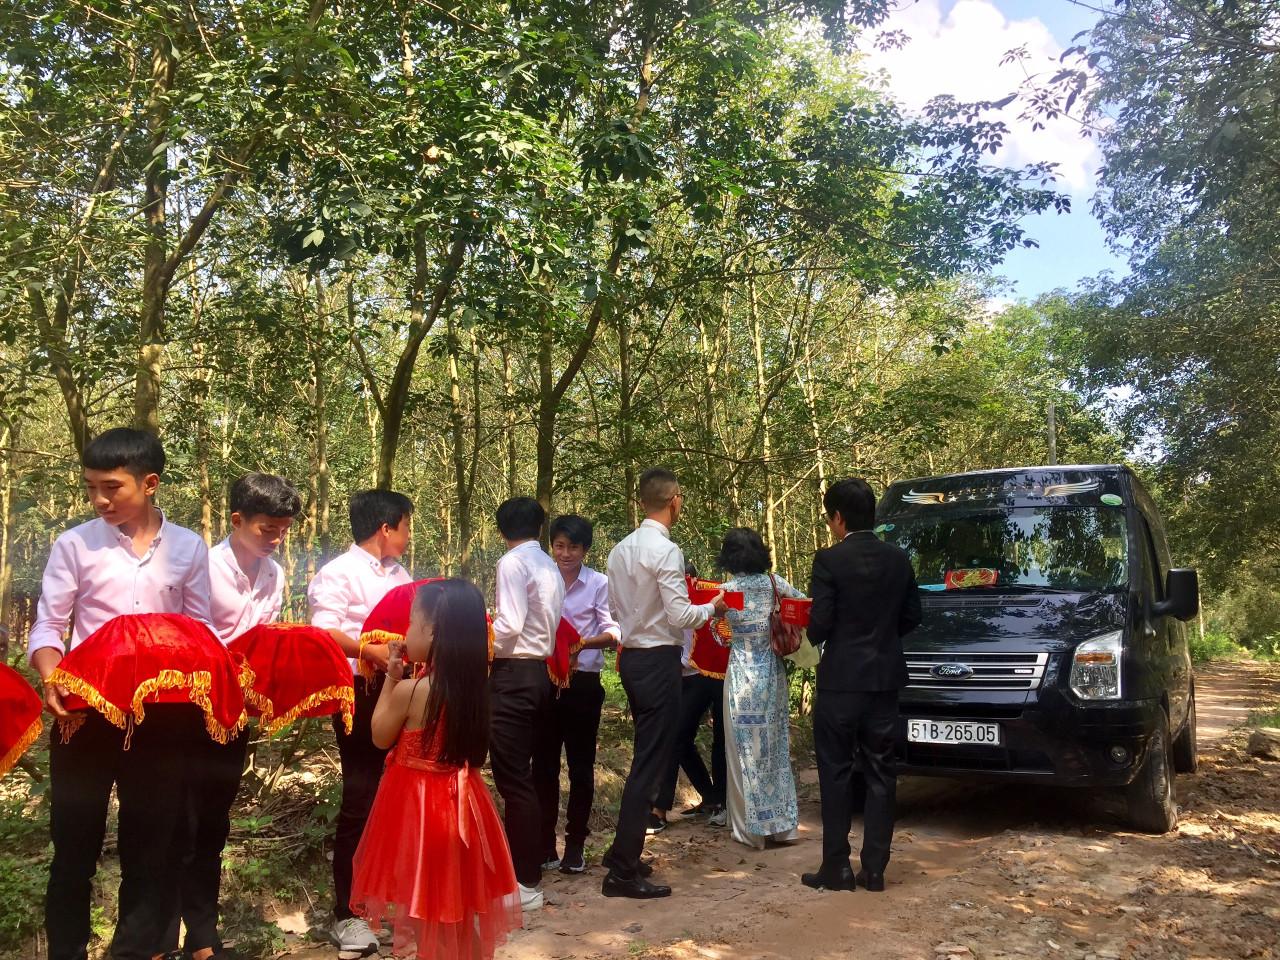 xe 16 chỗ đám cưới